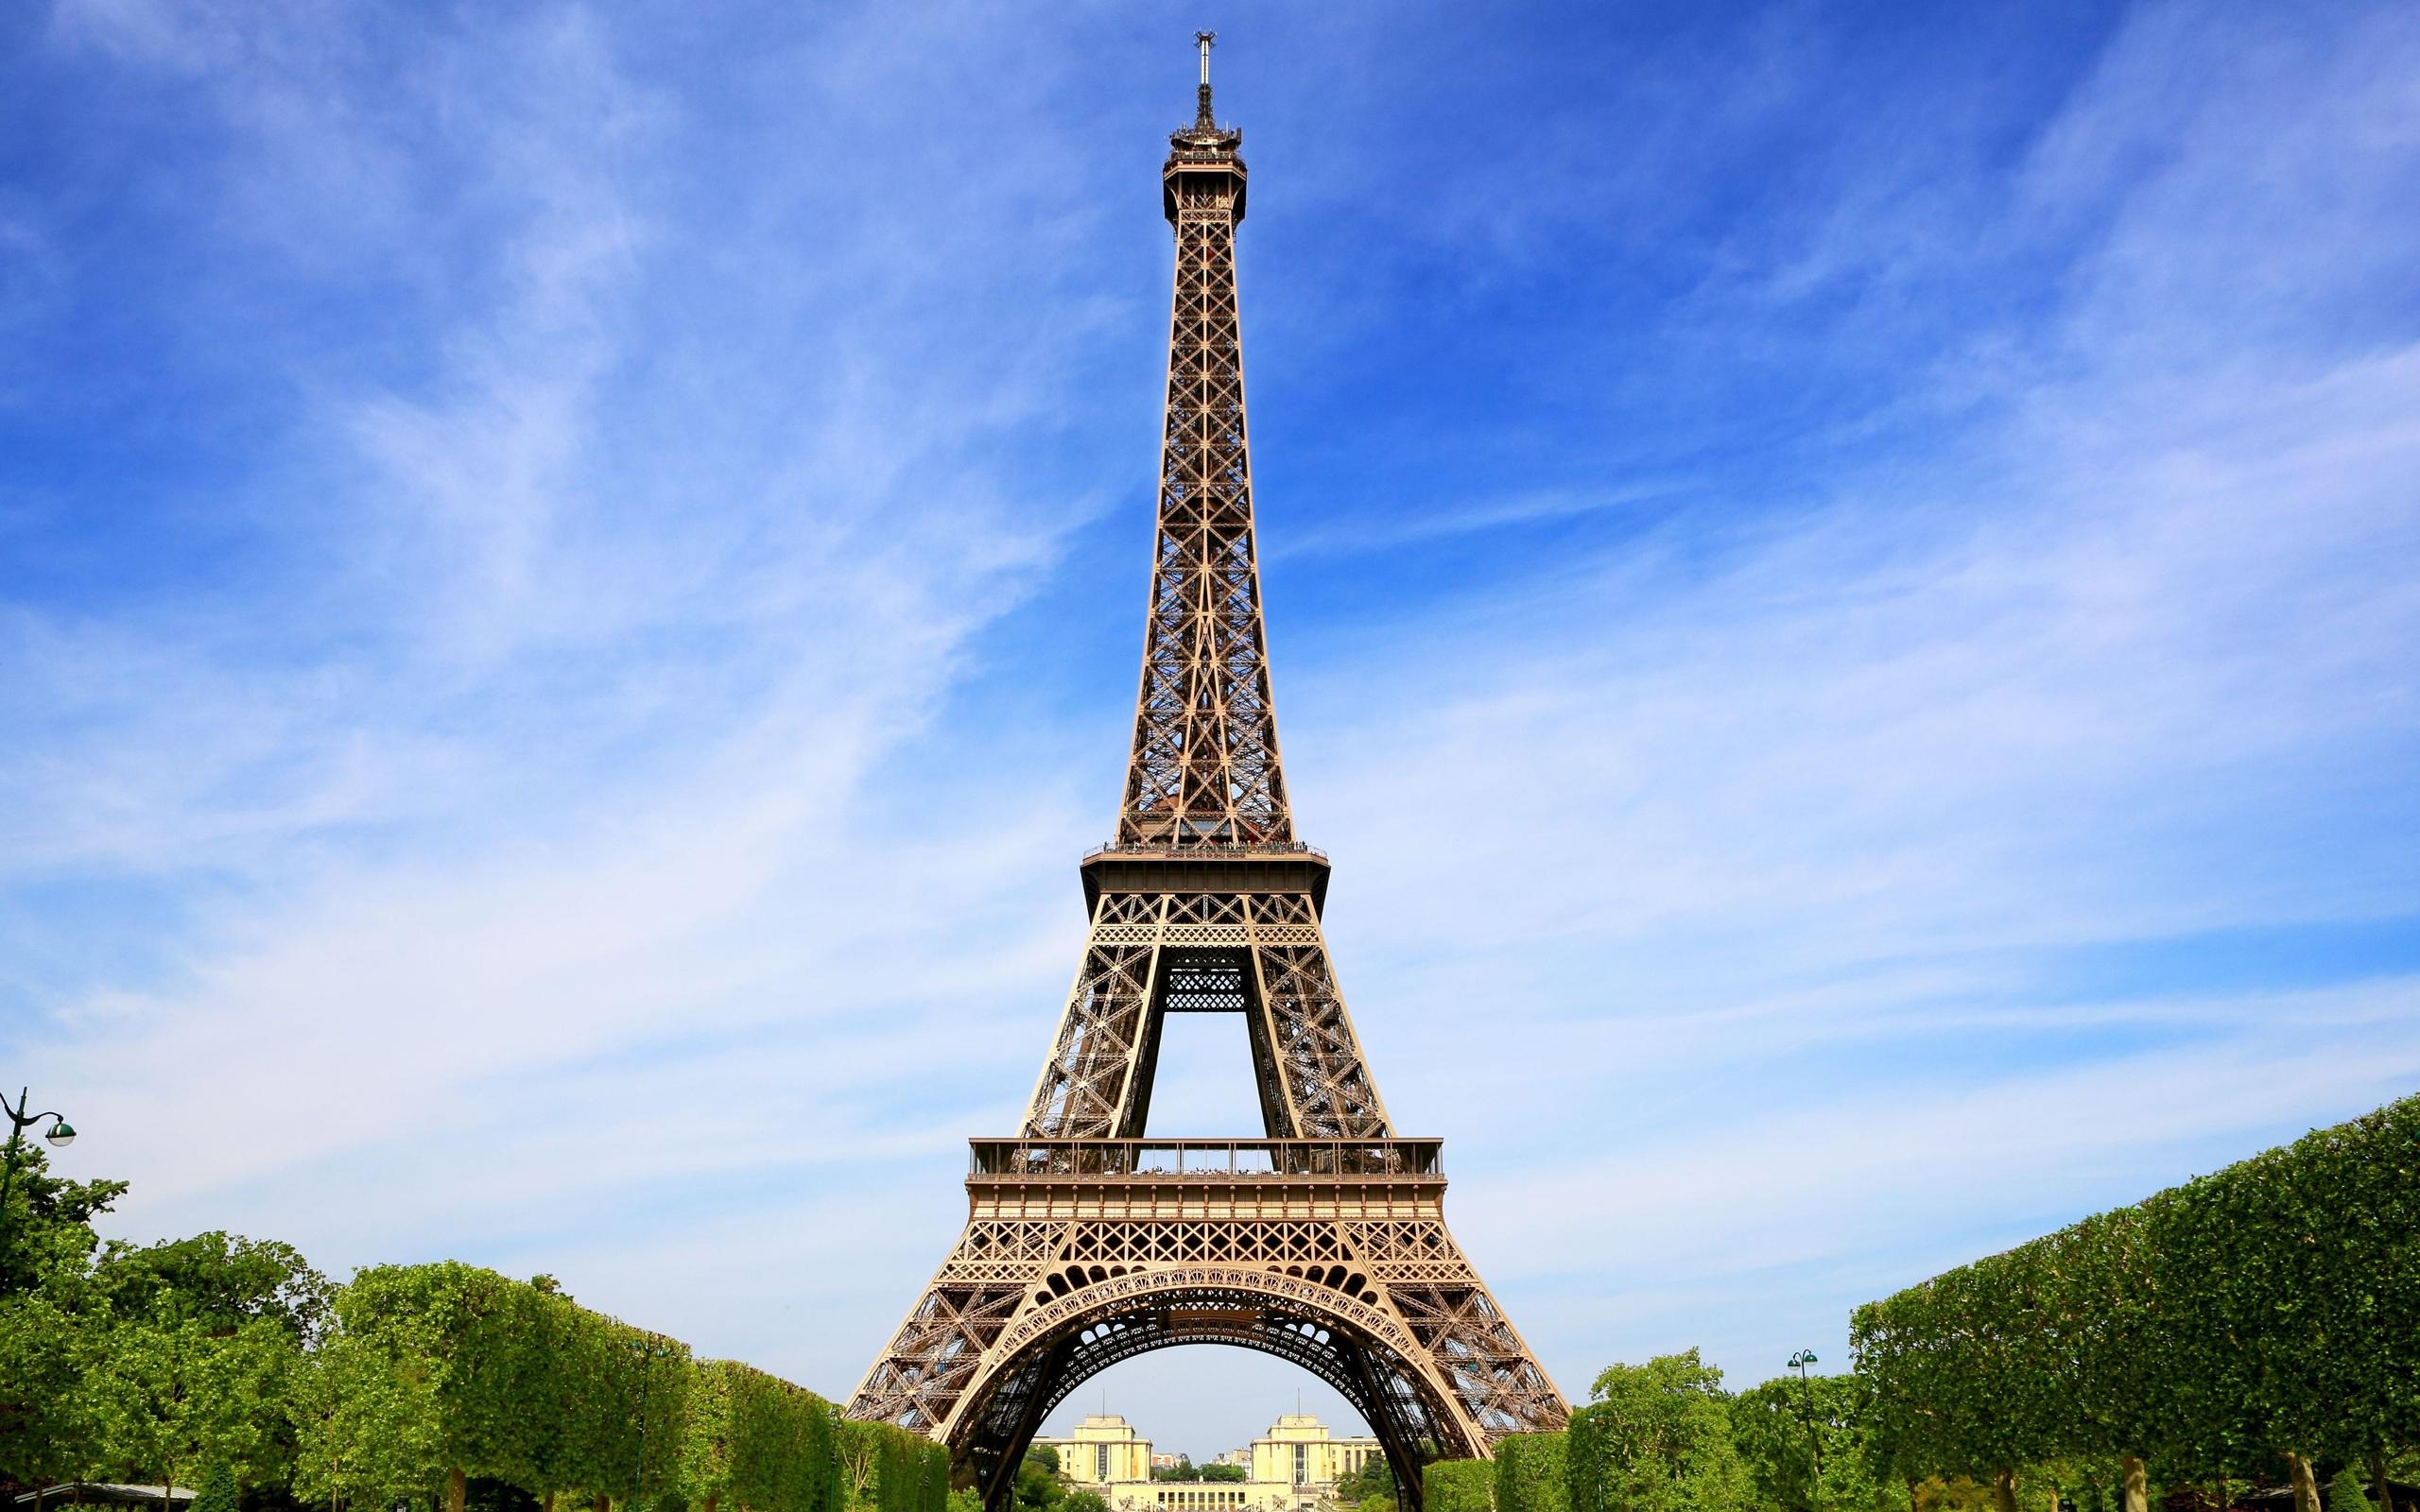 Lugares de interés la torre eiffel en parís francia fondos de